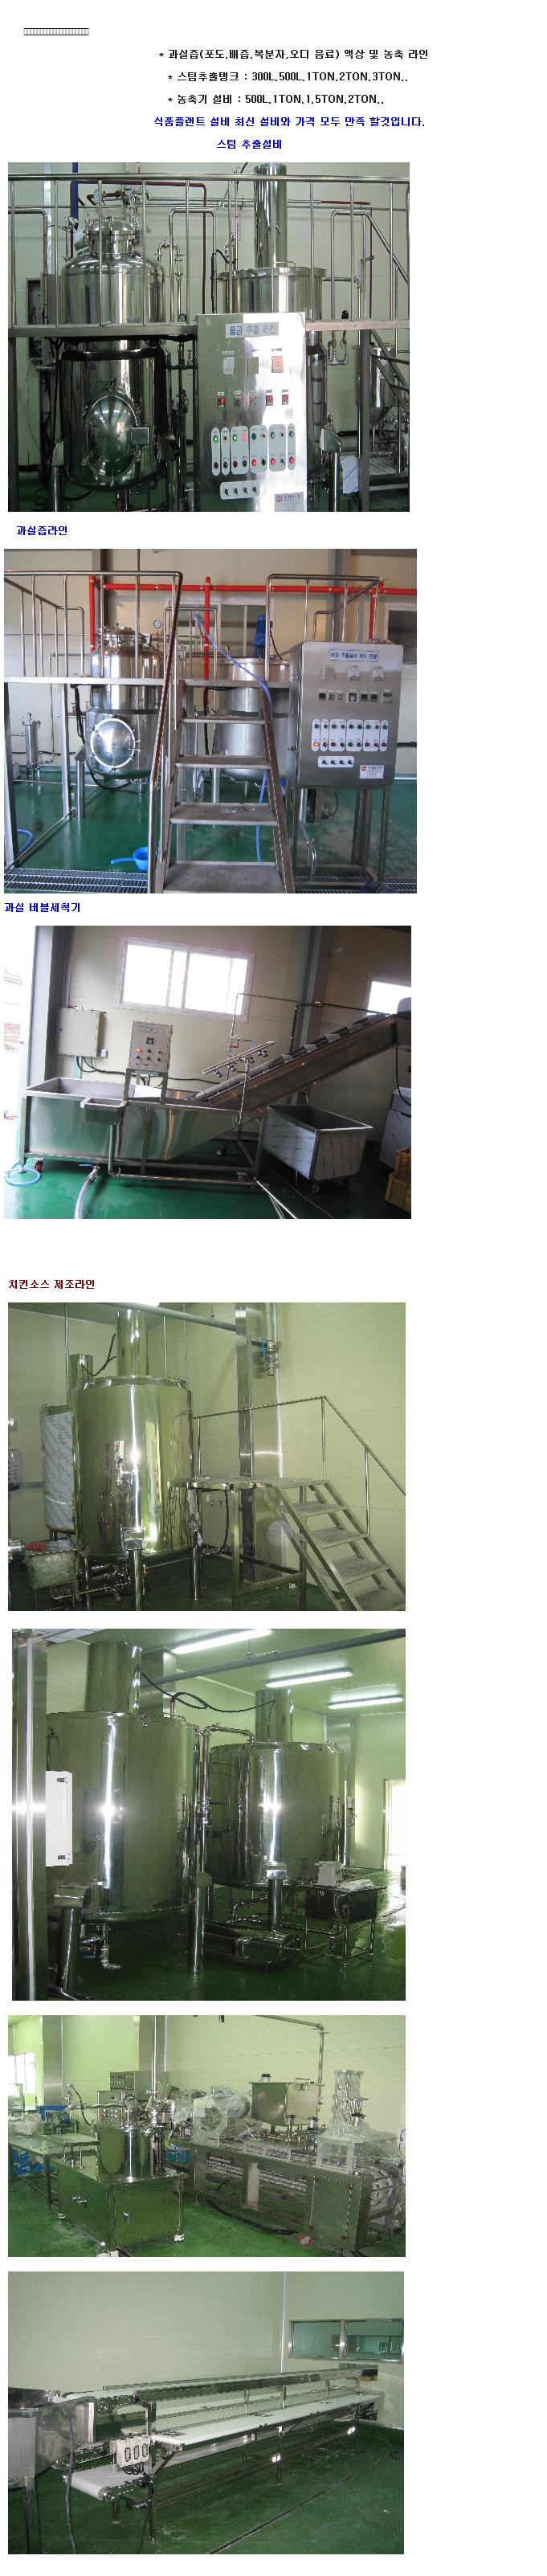 (주)대린기계 추출라인 설비현장사진 DR-0000